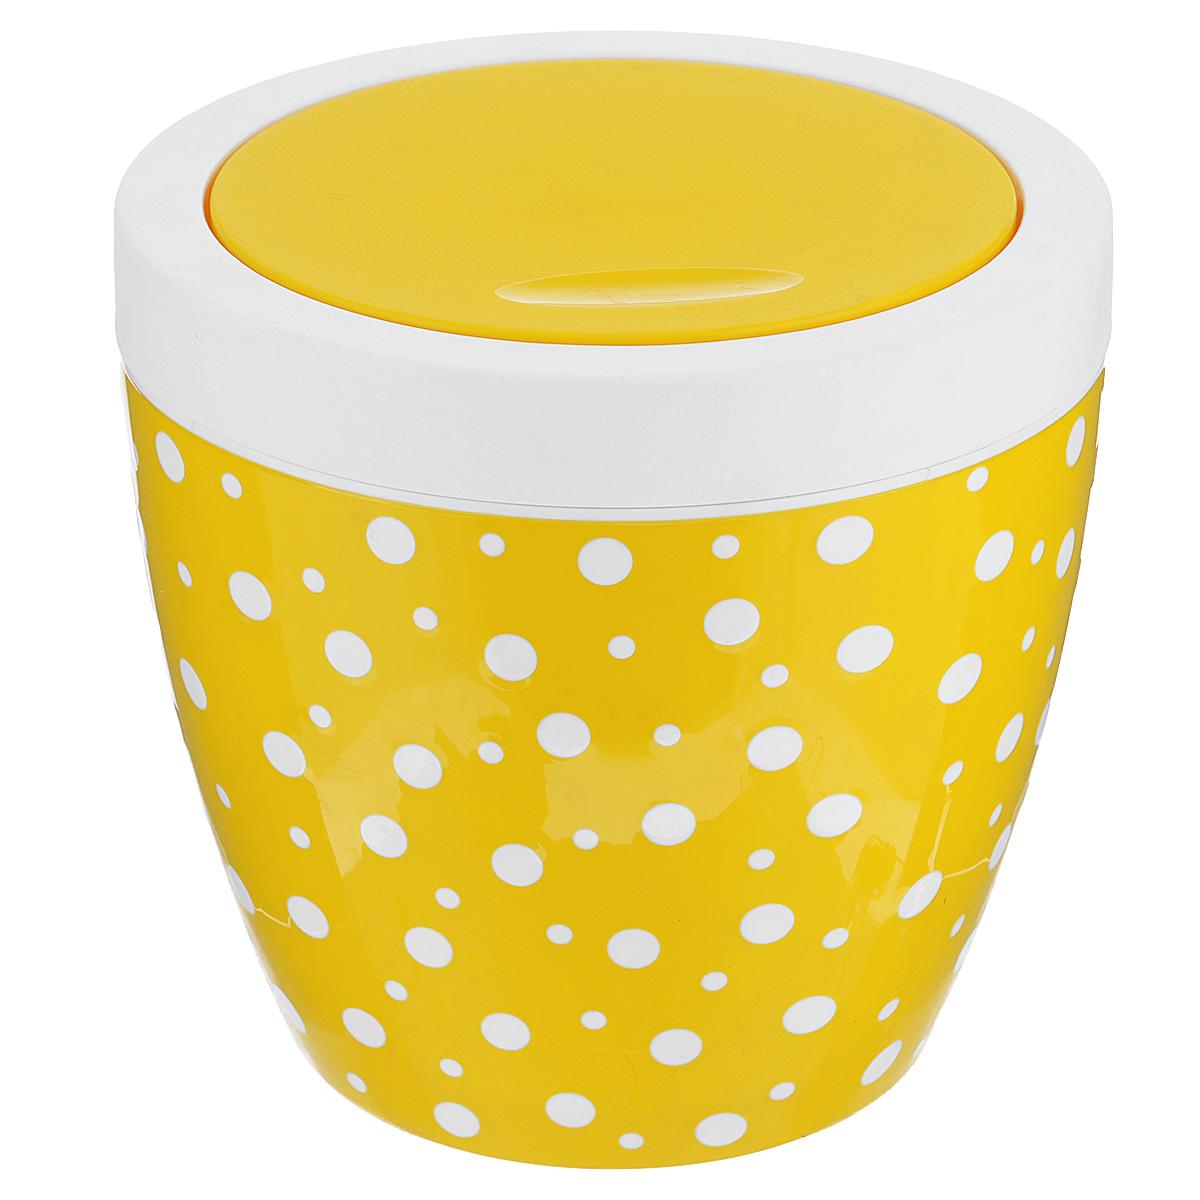 Контейнер для мусора Альтернатива Горошек, цвет: желтый, белый, 7 лМ4494Контейнер для мусора Альтернатива Горошек изготовлен из прочного пластика. Внешние стенки оформлены принтом в горошек. Контейнер снабжен удобной поворачивающейся крышкой, прекрасно подходит для мусора. Такое изделие пригодится и дома, и в офисе. Стильный дизайн сделает его прекрасным украшением интерьера.